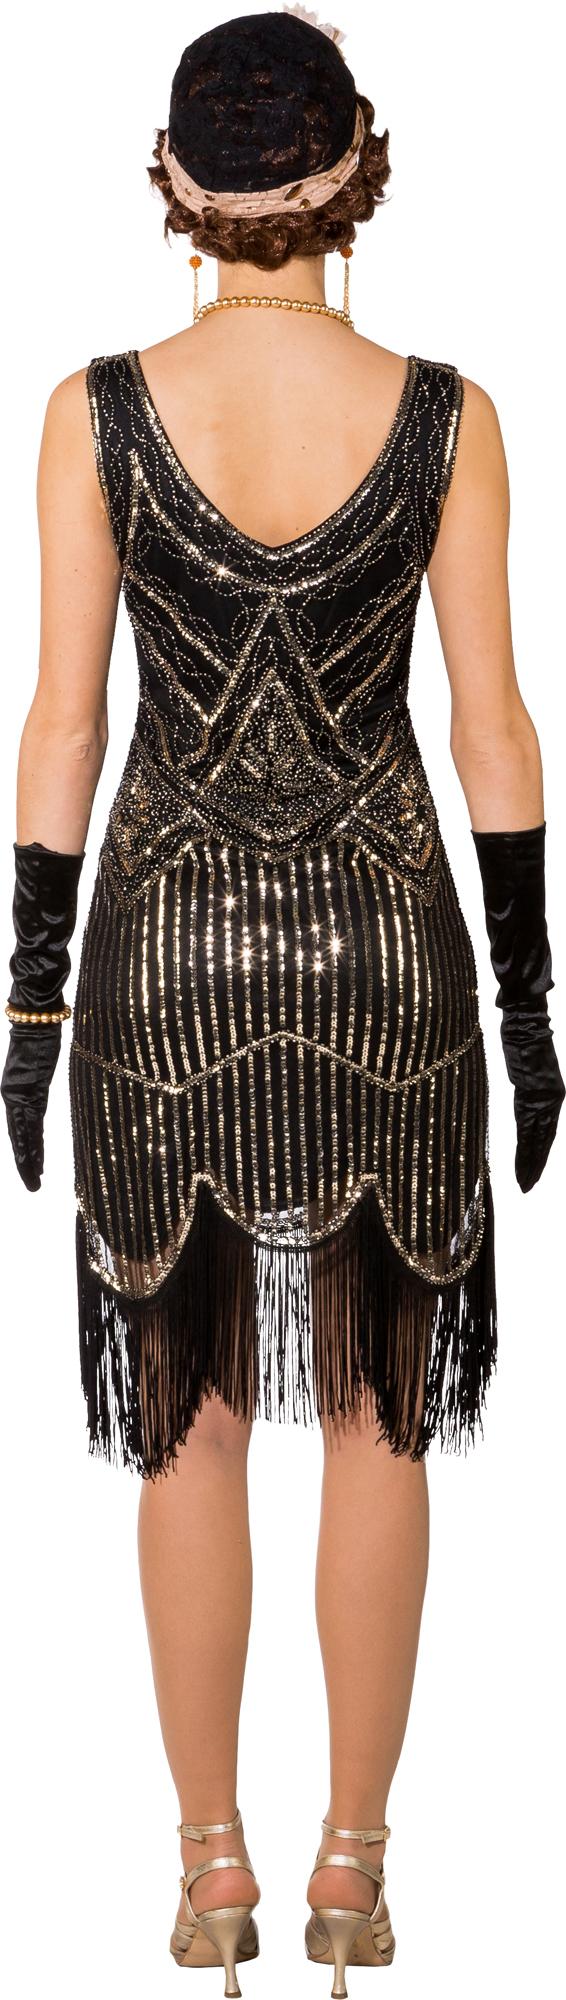 Fasching Kostüm Damen Charleston 20er Jahre Kleid schwarz ...